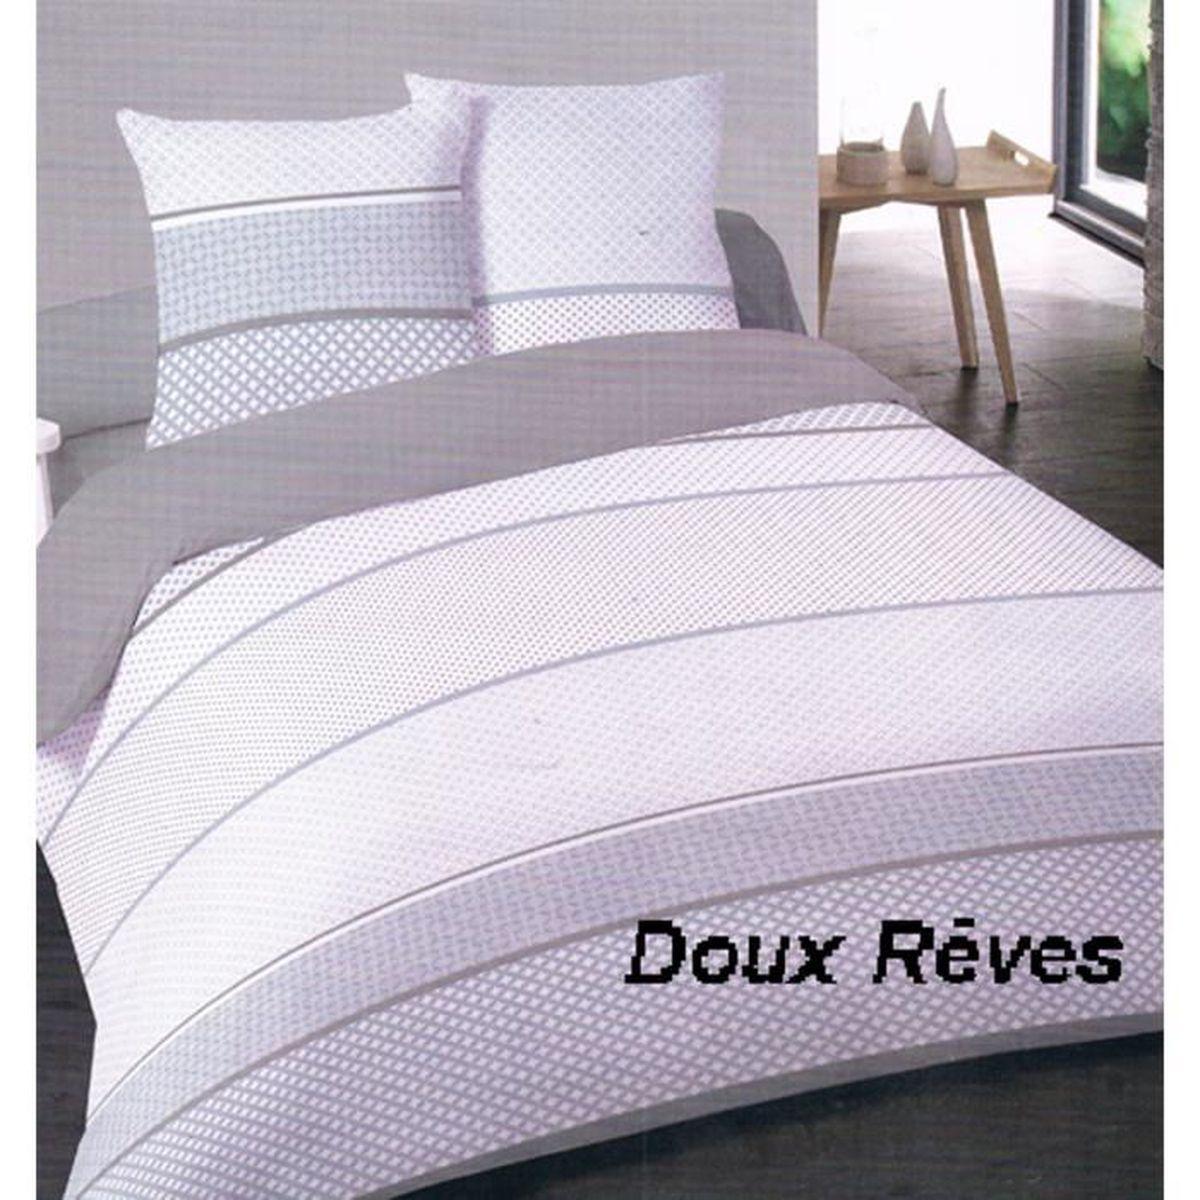 drap plat une personne elegant drap lit une personne dimensions draps de lit dimension drap. Black Bedroom Furniture Sets. Home Design Ideas